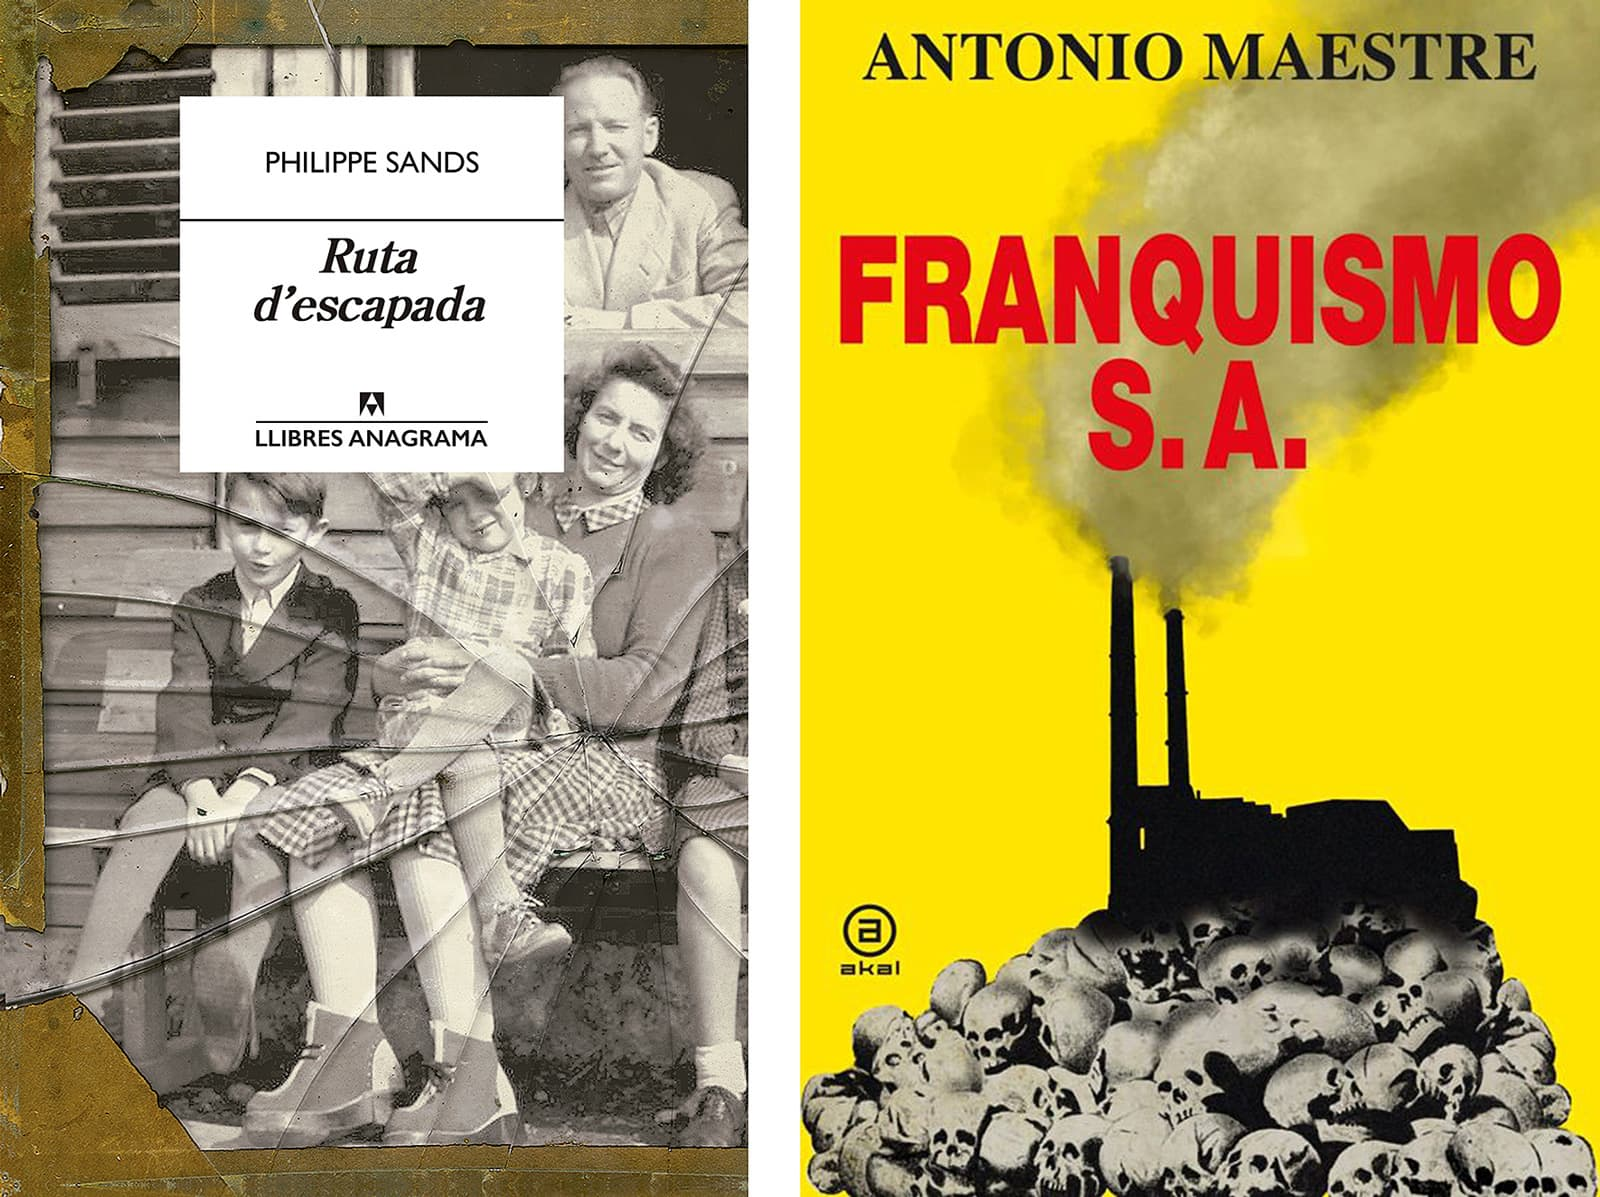 Els llibres Ruta d'escapada de Philippe Sands i Franquismo S.A. d'Antonio Maestre.